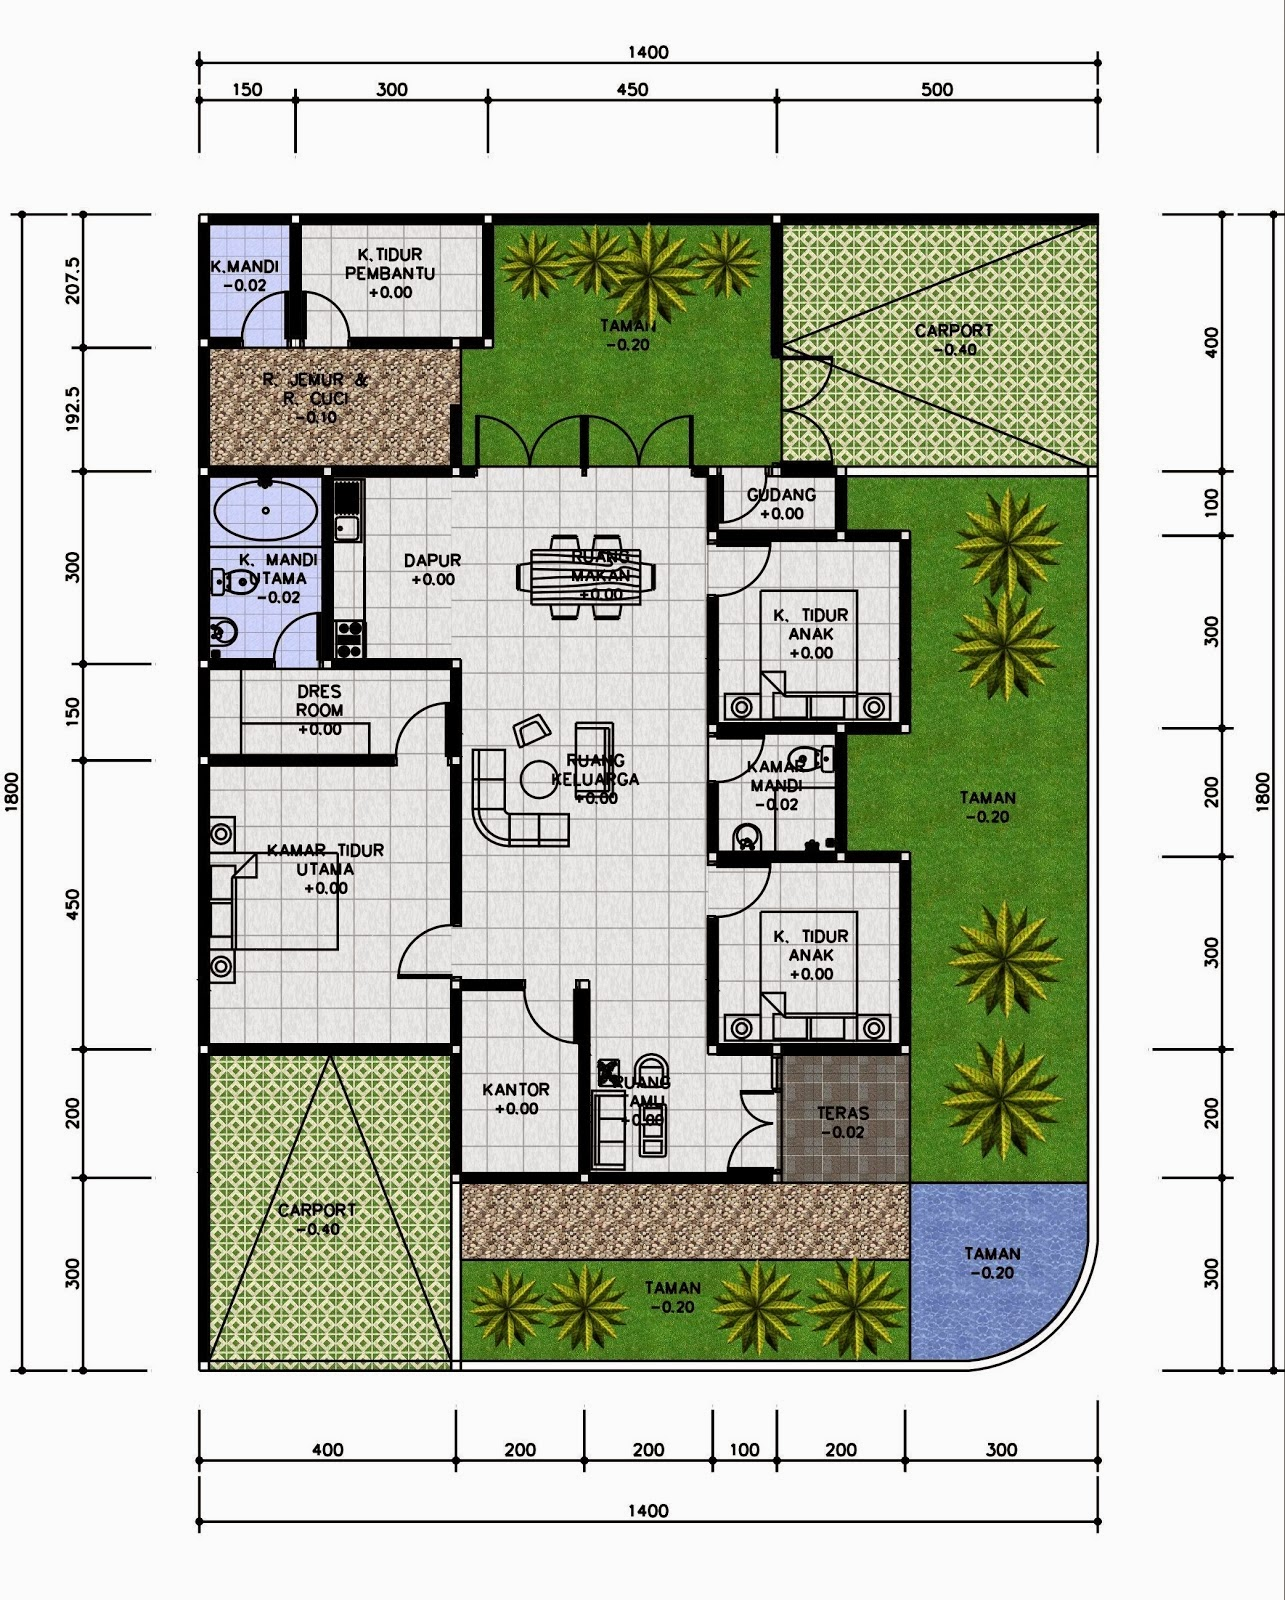 Desain Rumah Minimalis 2 Lantai 6x12 Design Rumah Cantik